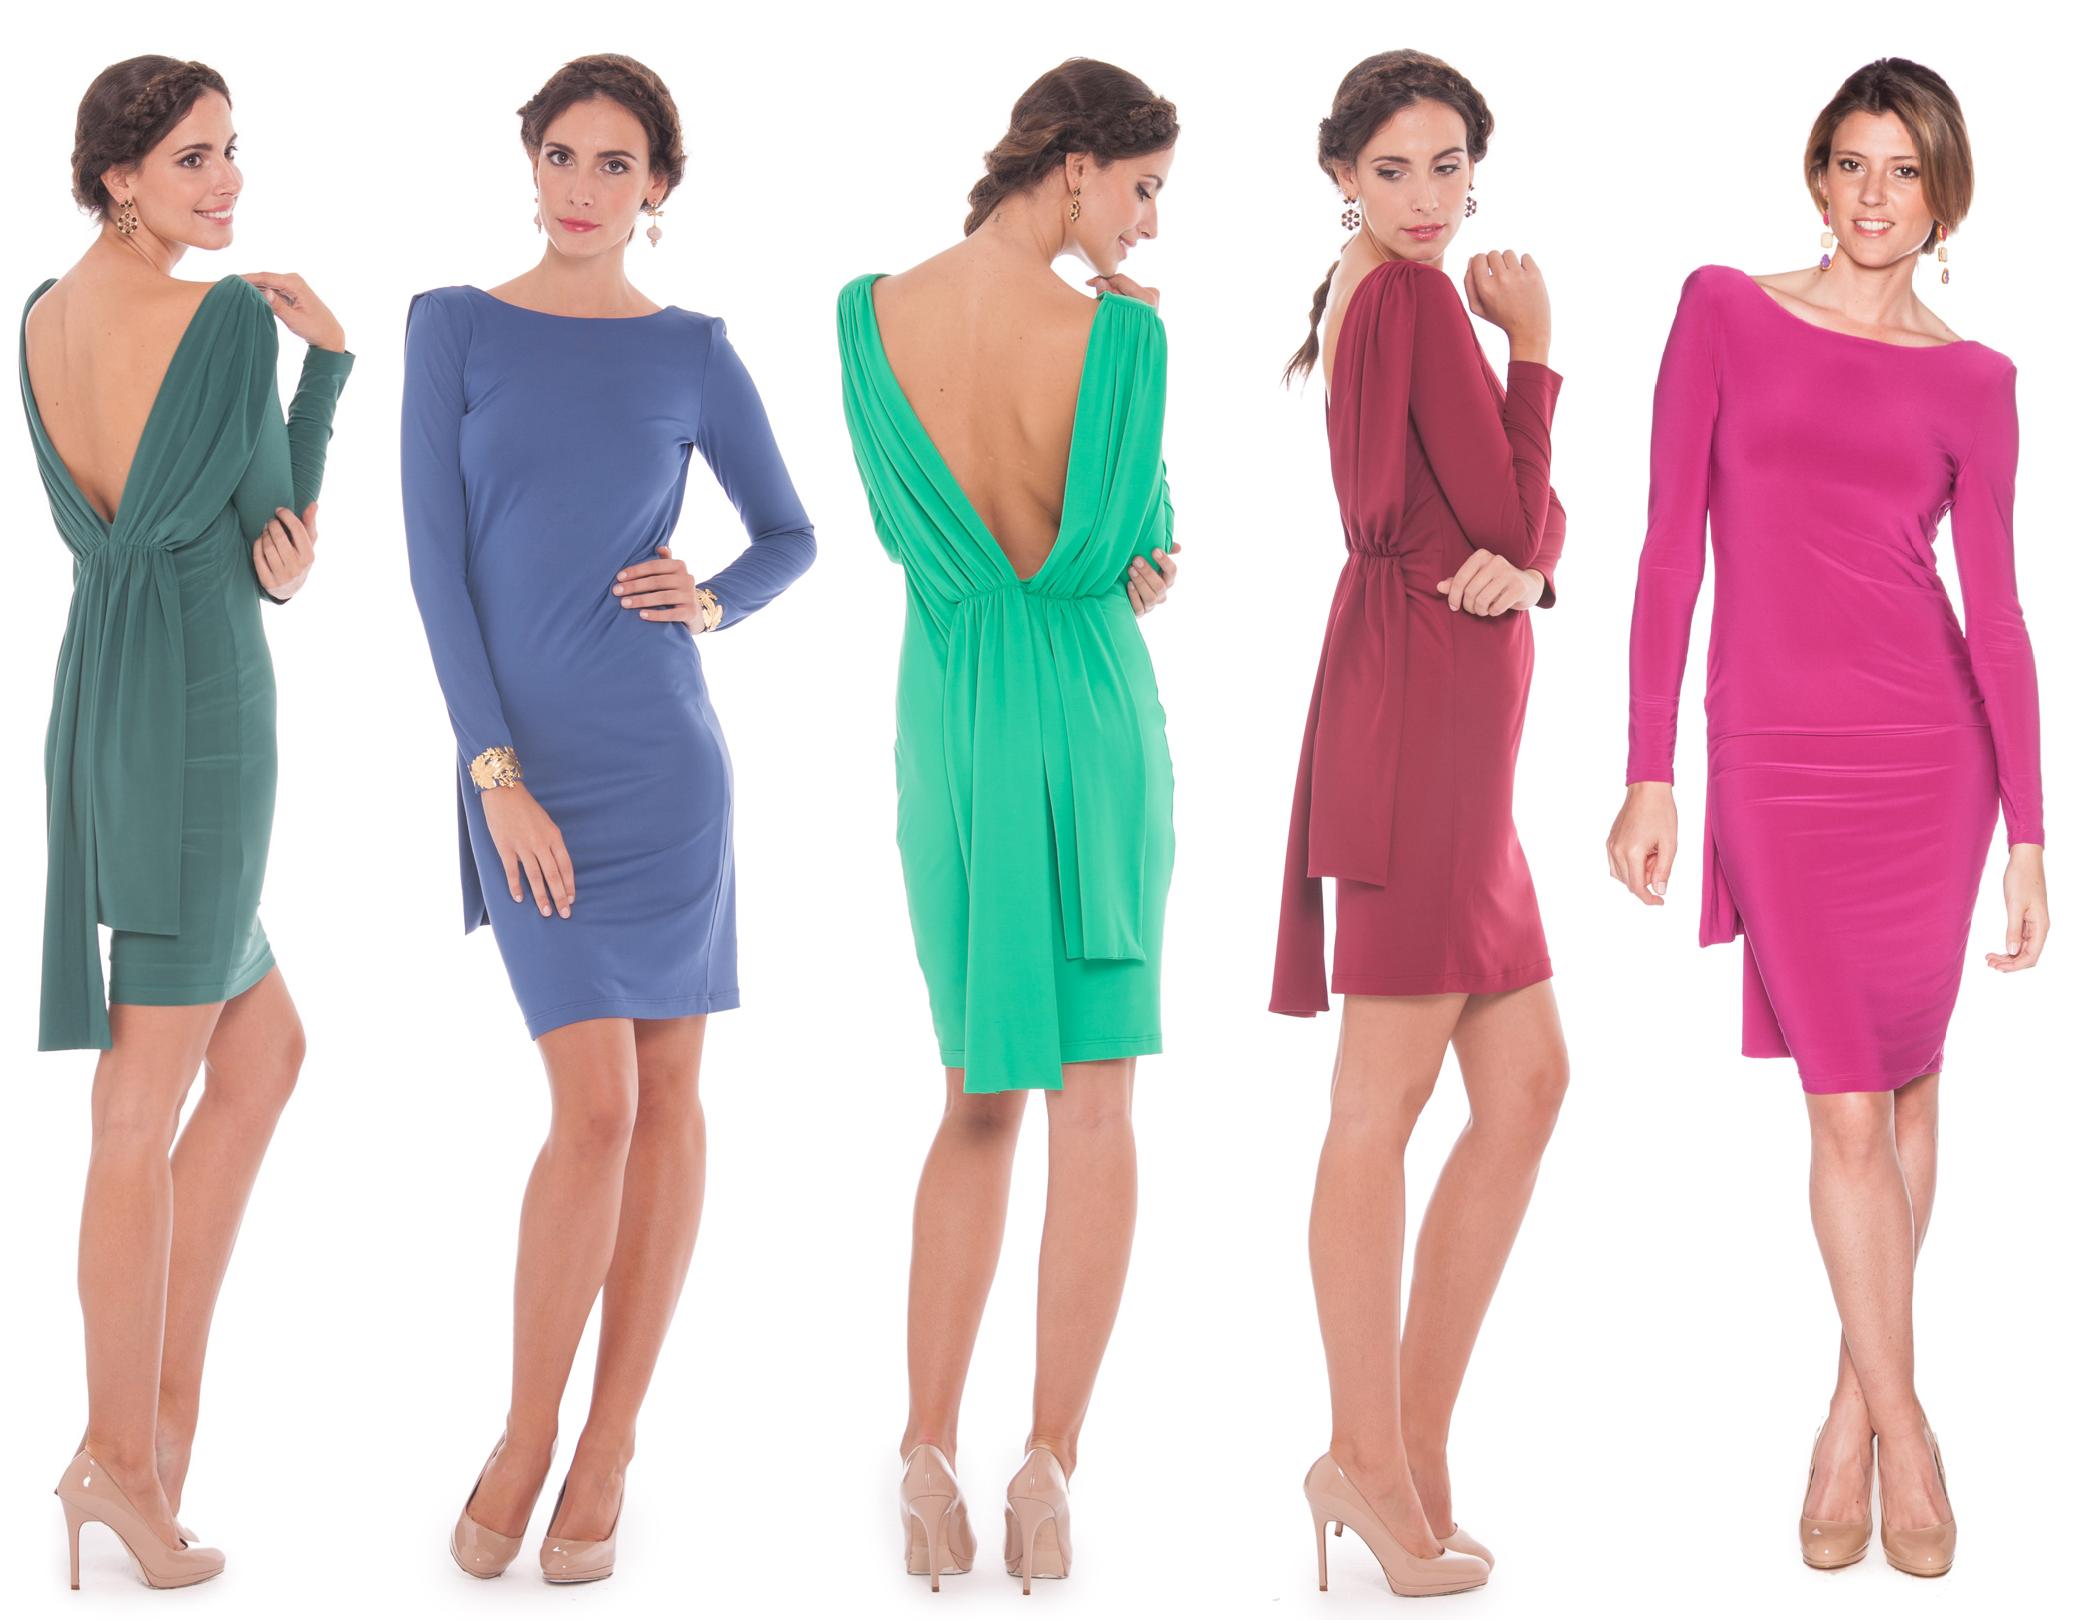 vestidos de punto de alquiler en lamasmona.com